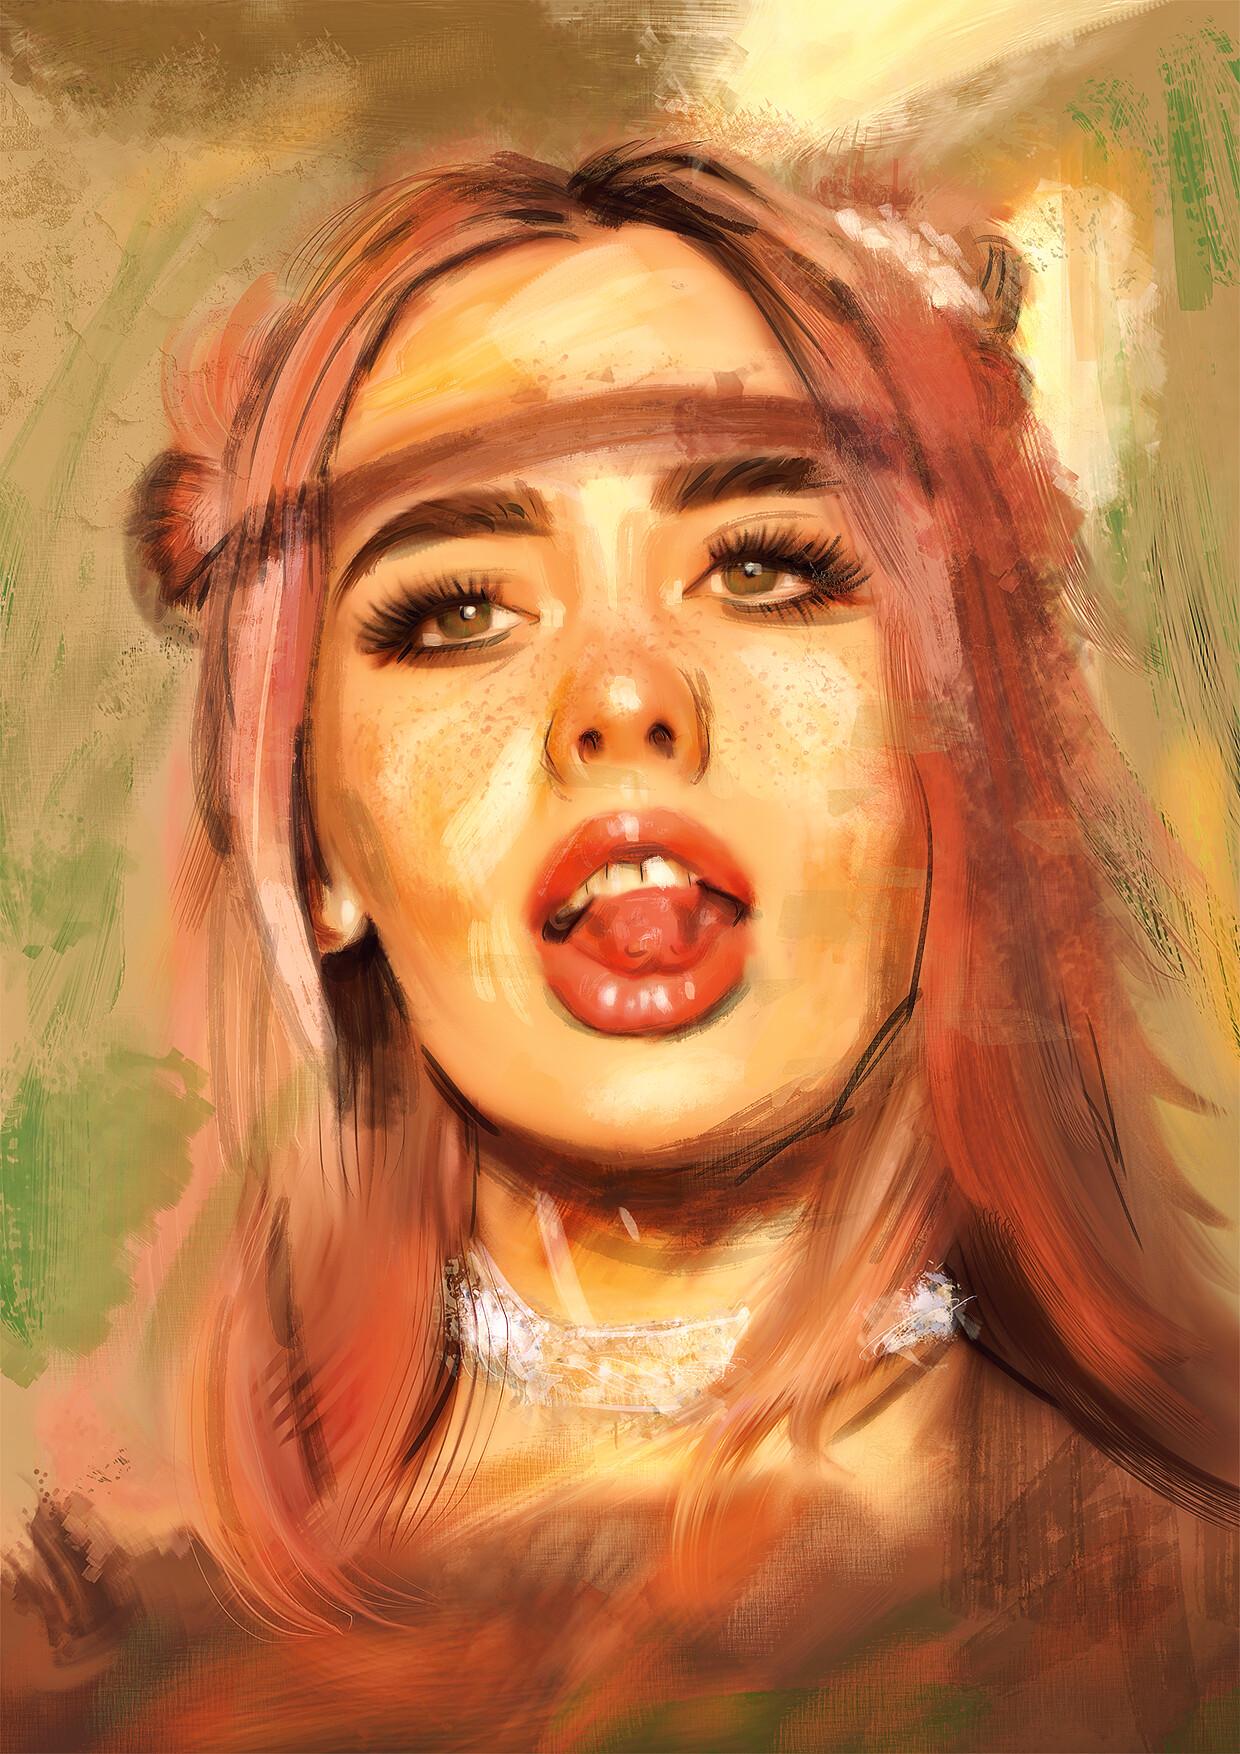 Liam golden cherry drew 02 edited